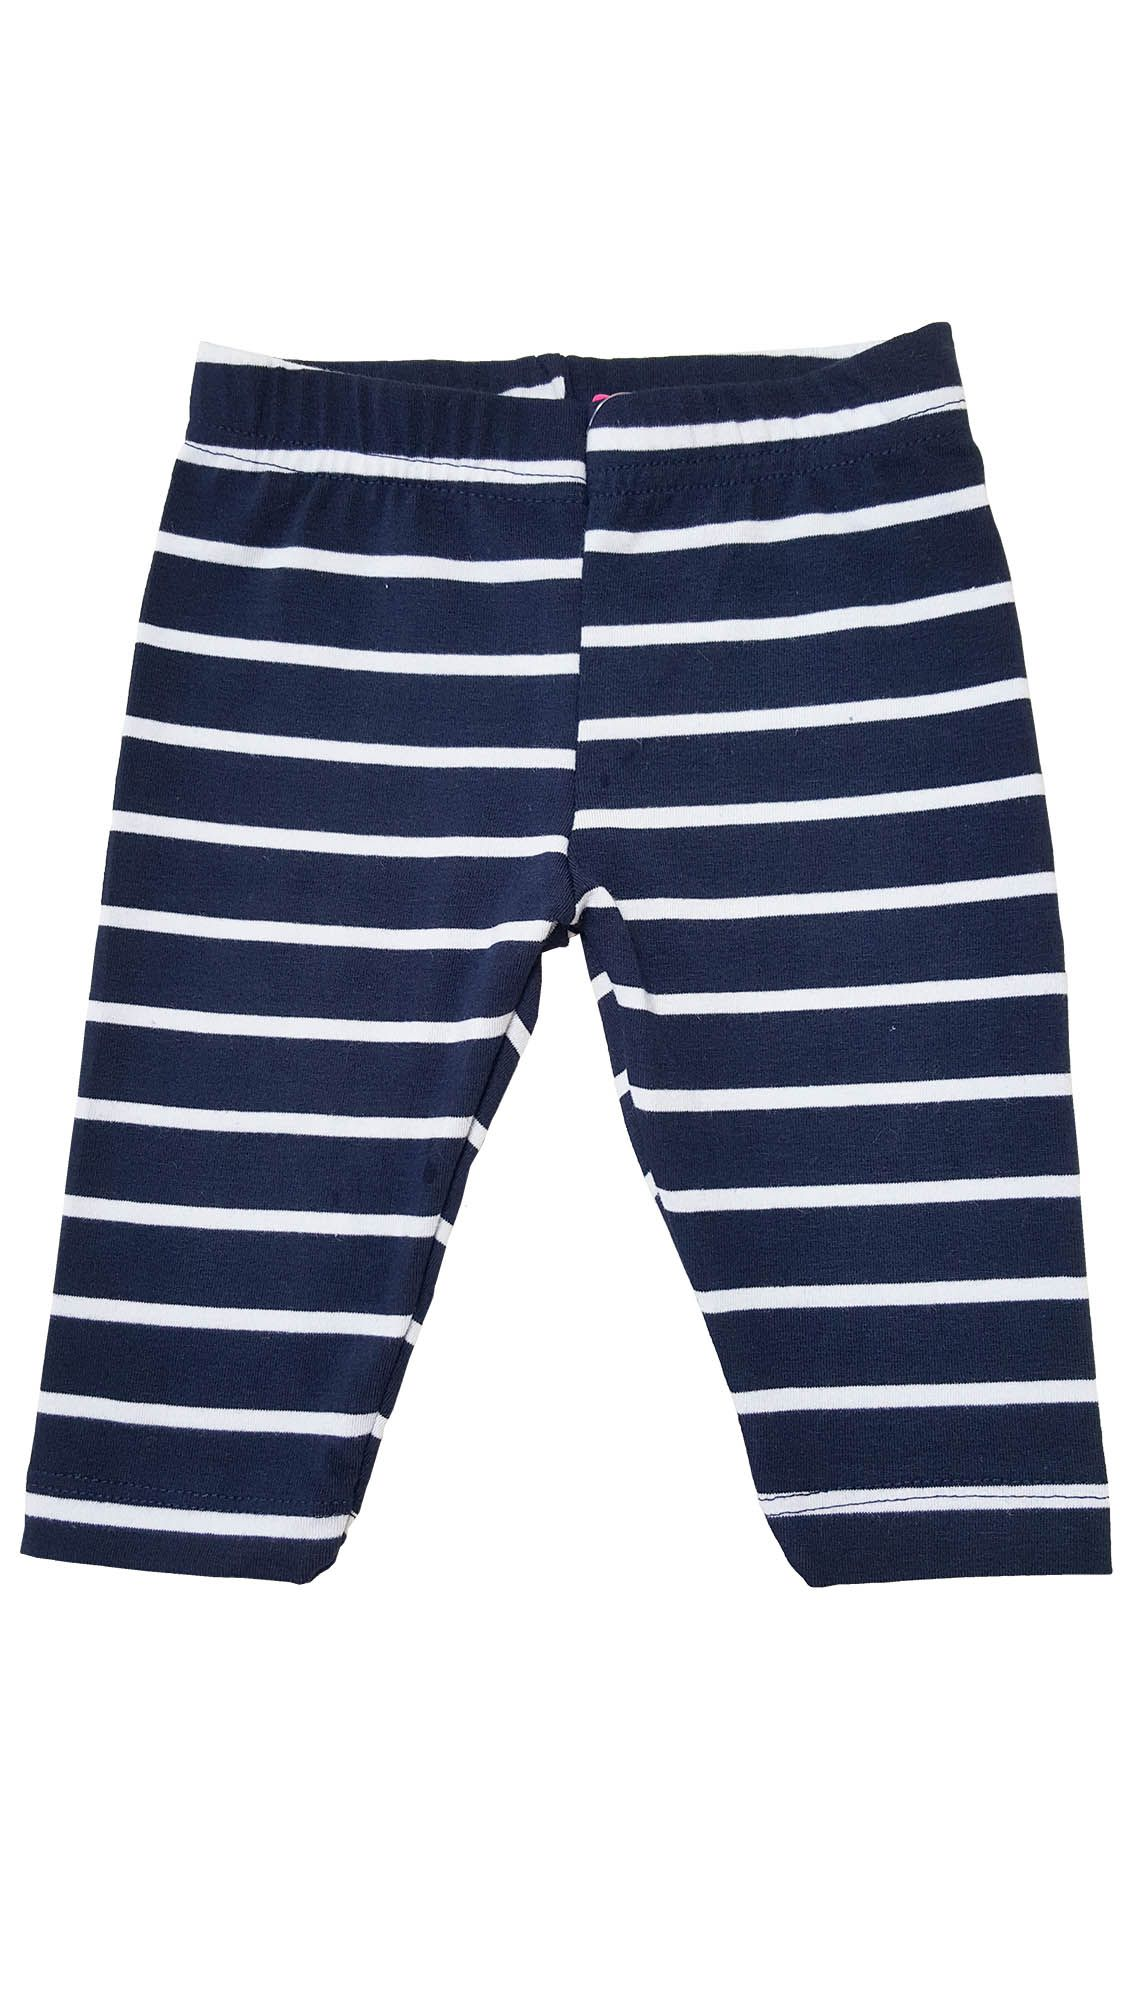 Legging  Capri Infantil TMX  Listras Marinho / Tamanho 8